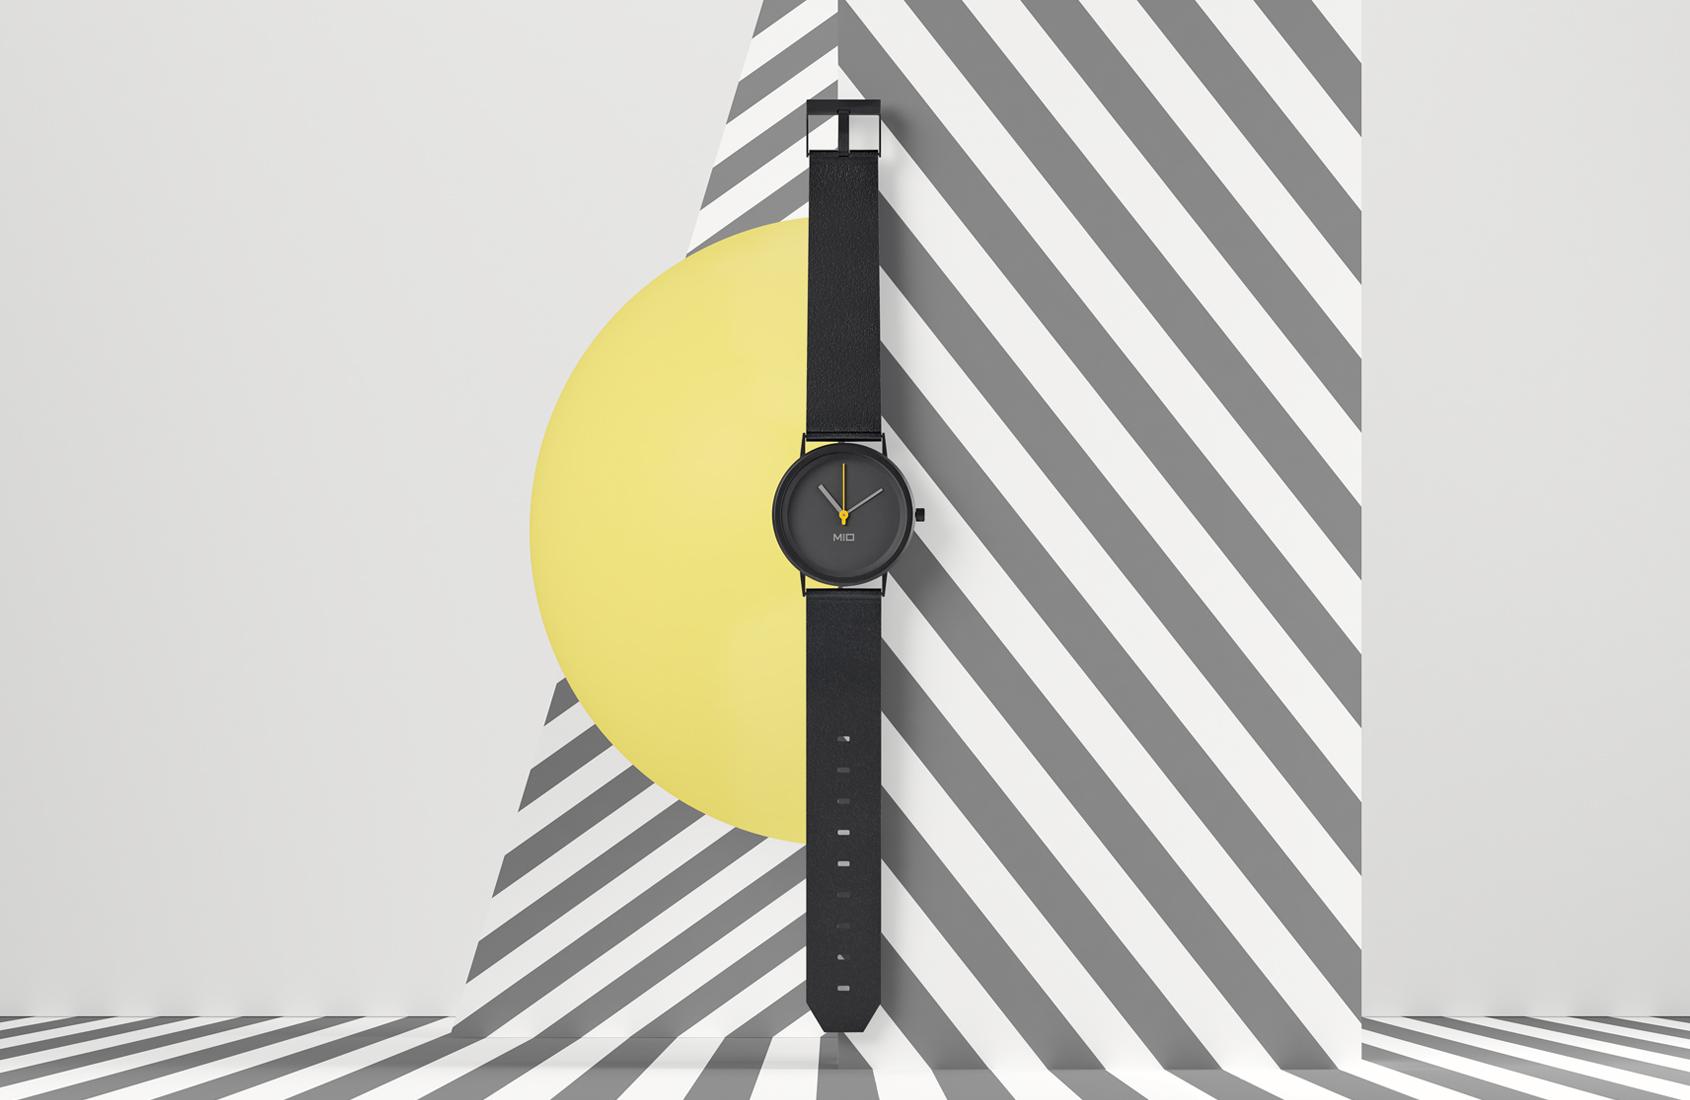 mio_watch_design_diseño_jorge_gago_cgi_3d